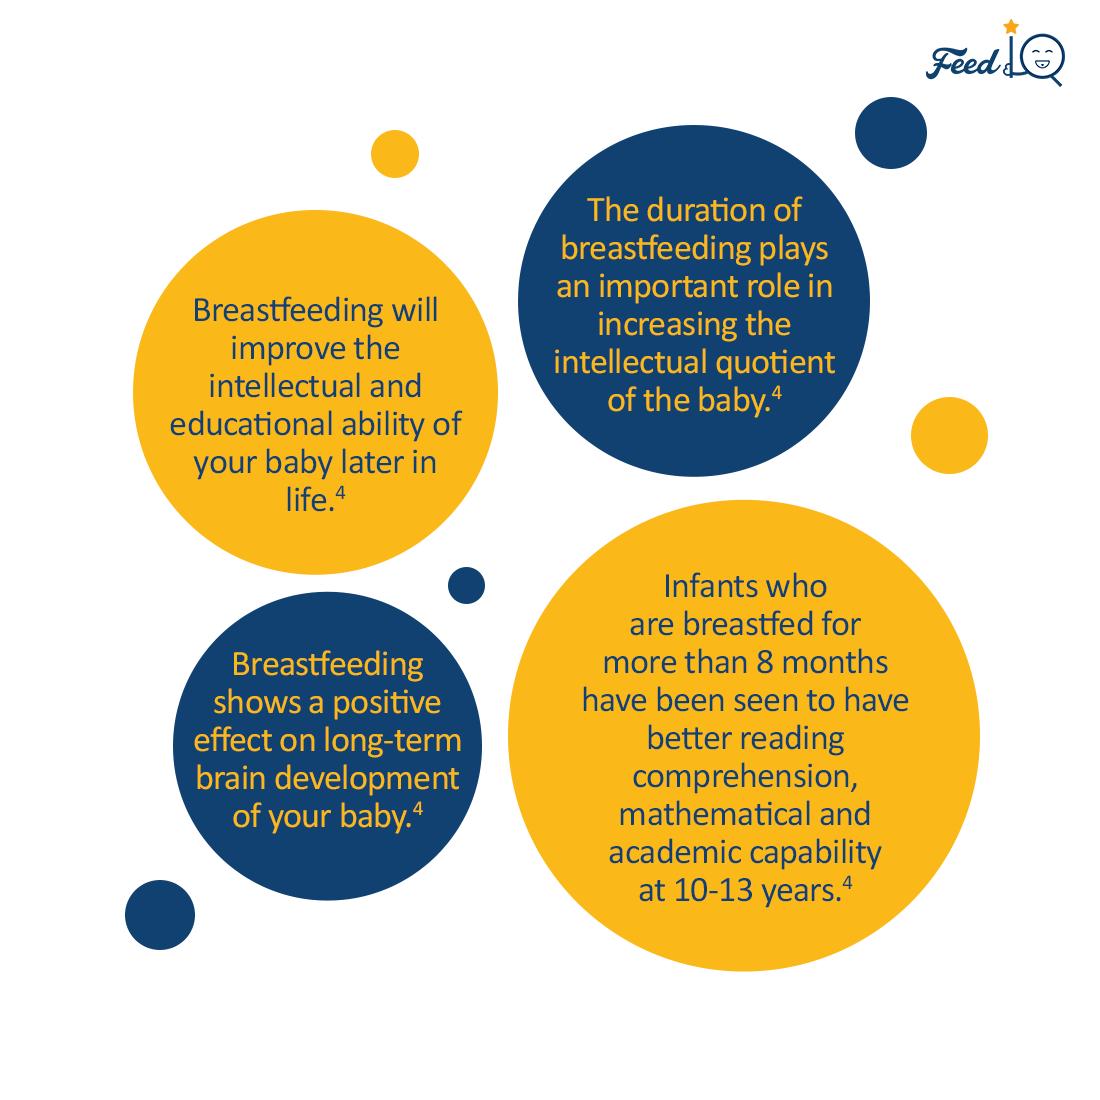 breastfeeding facts #feediq